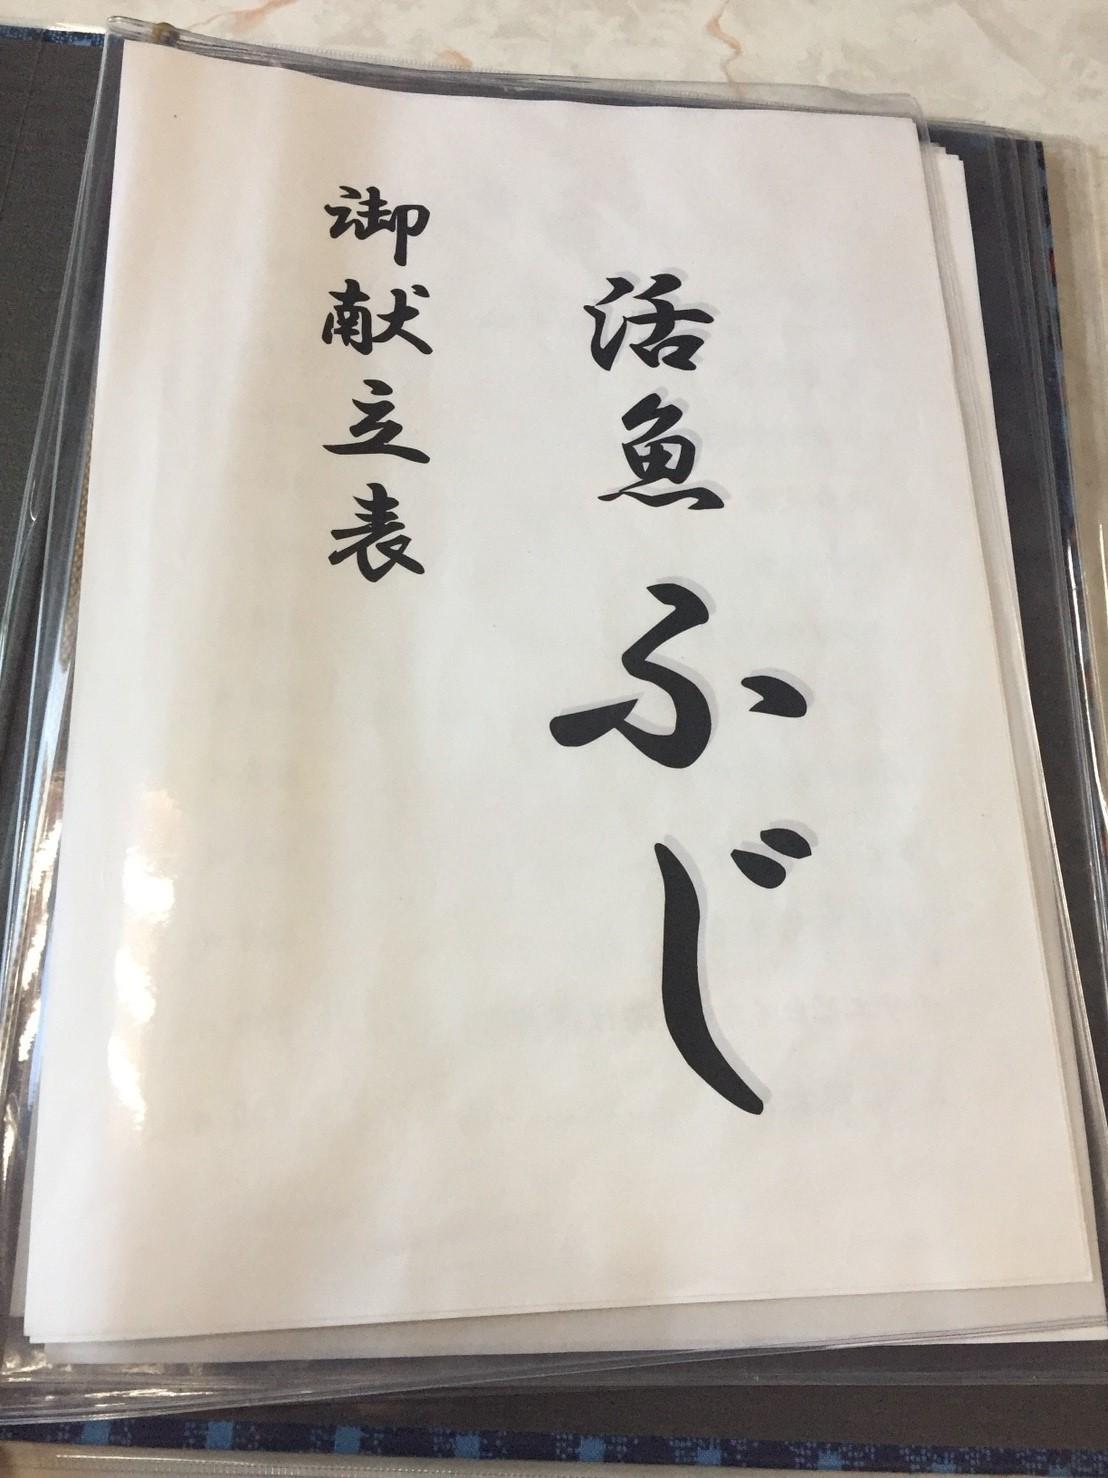 活魚 ふじ @赤碕_e0115904_08534635.jpg